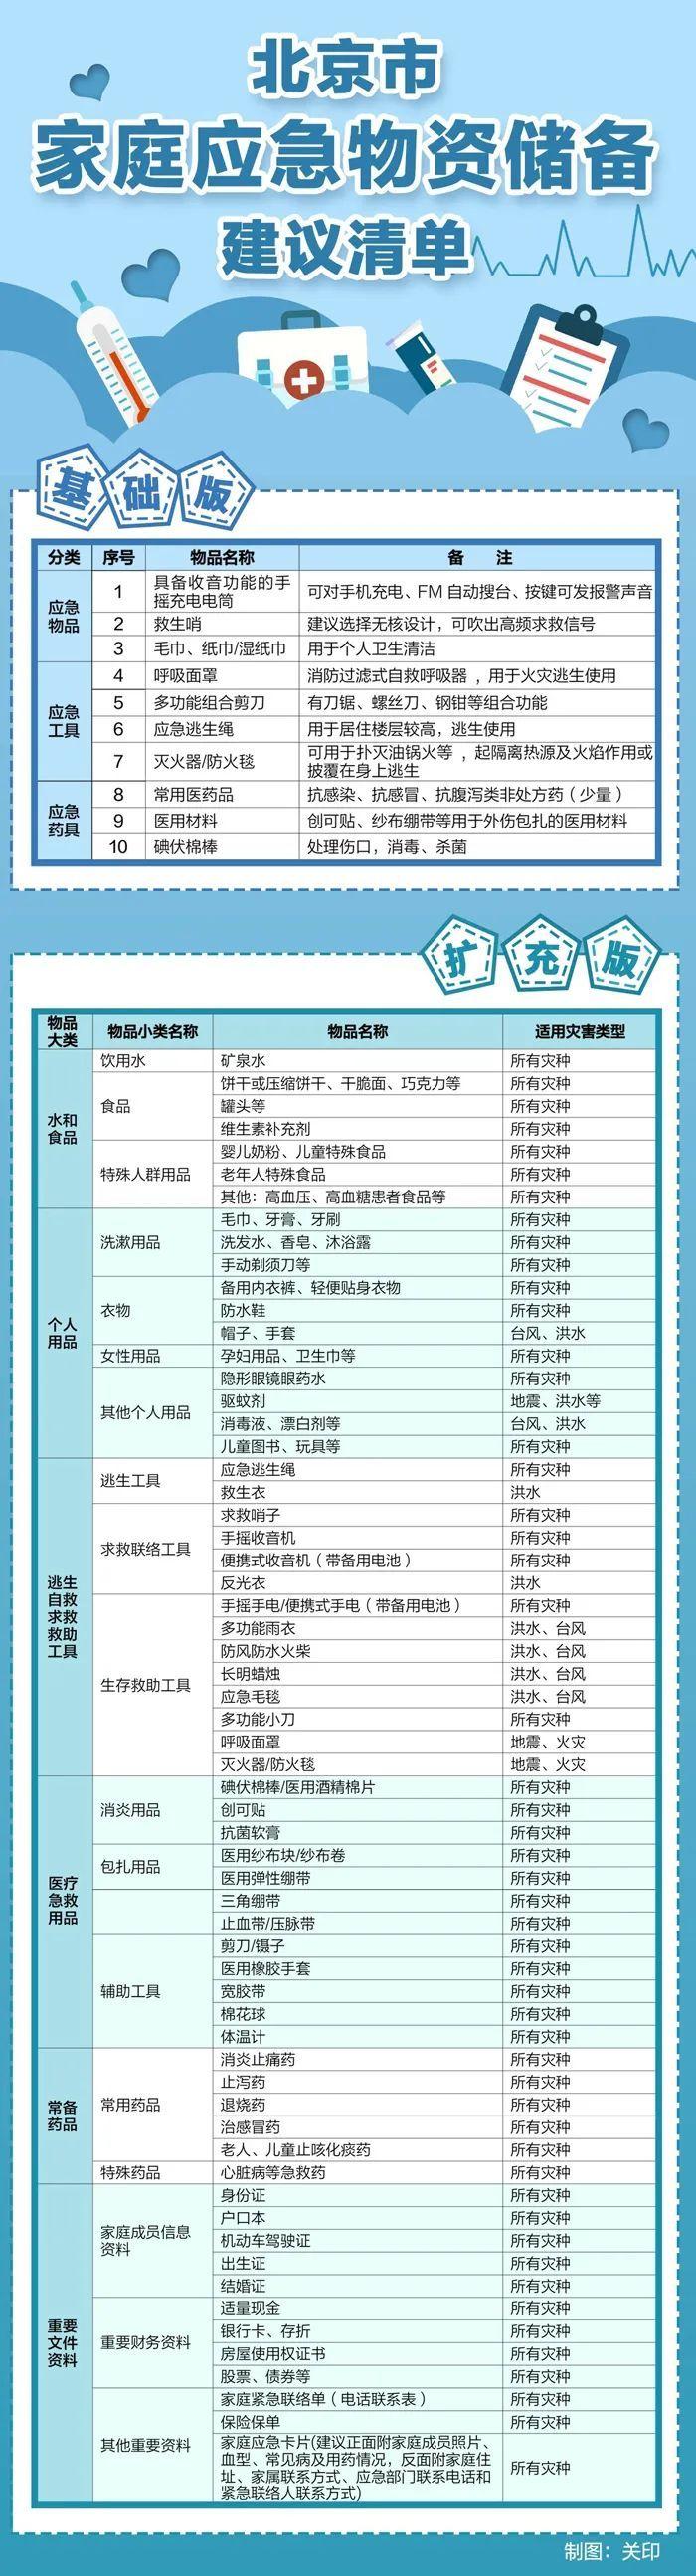 北京市家庭应急物资储备建议清单